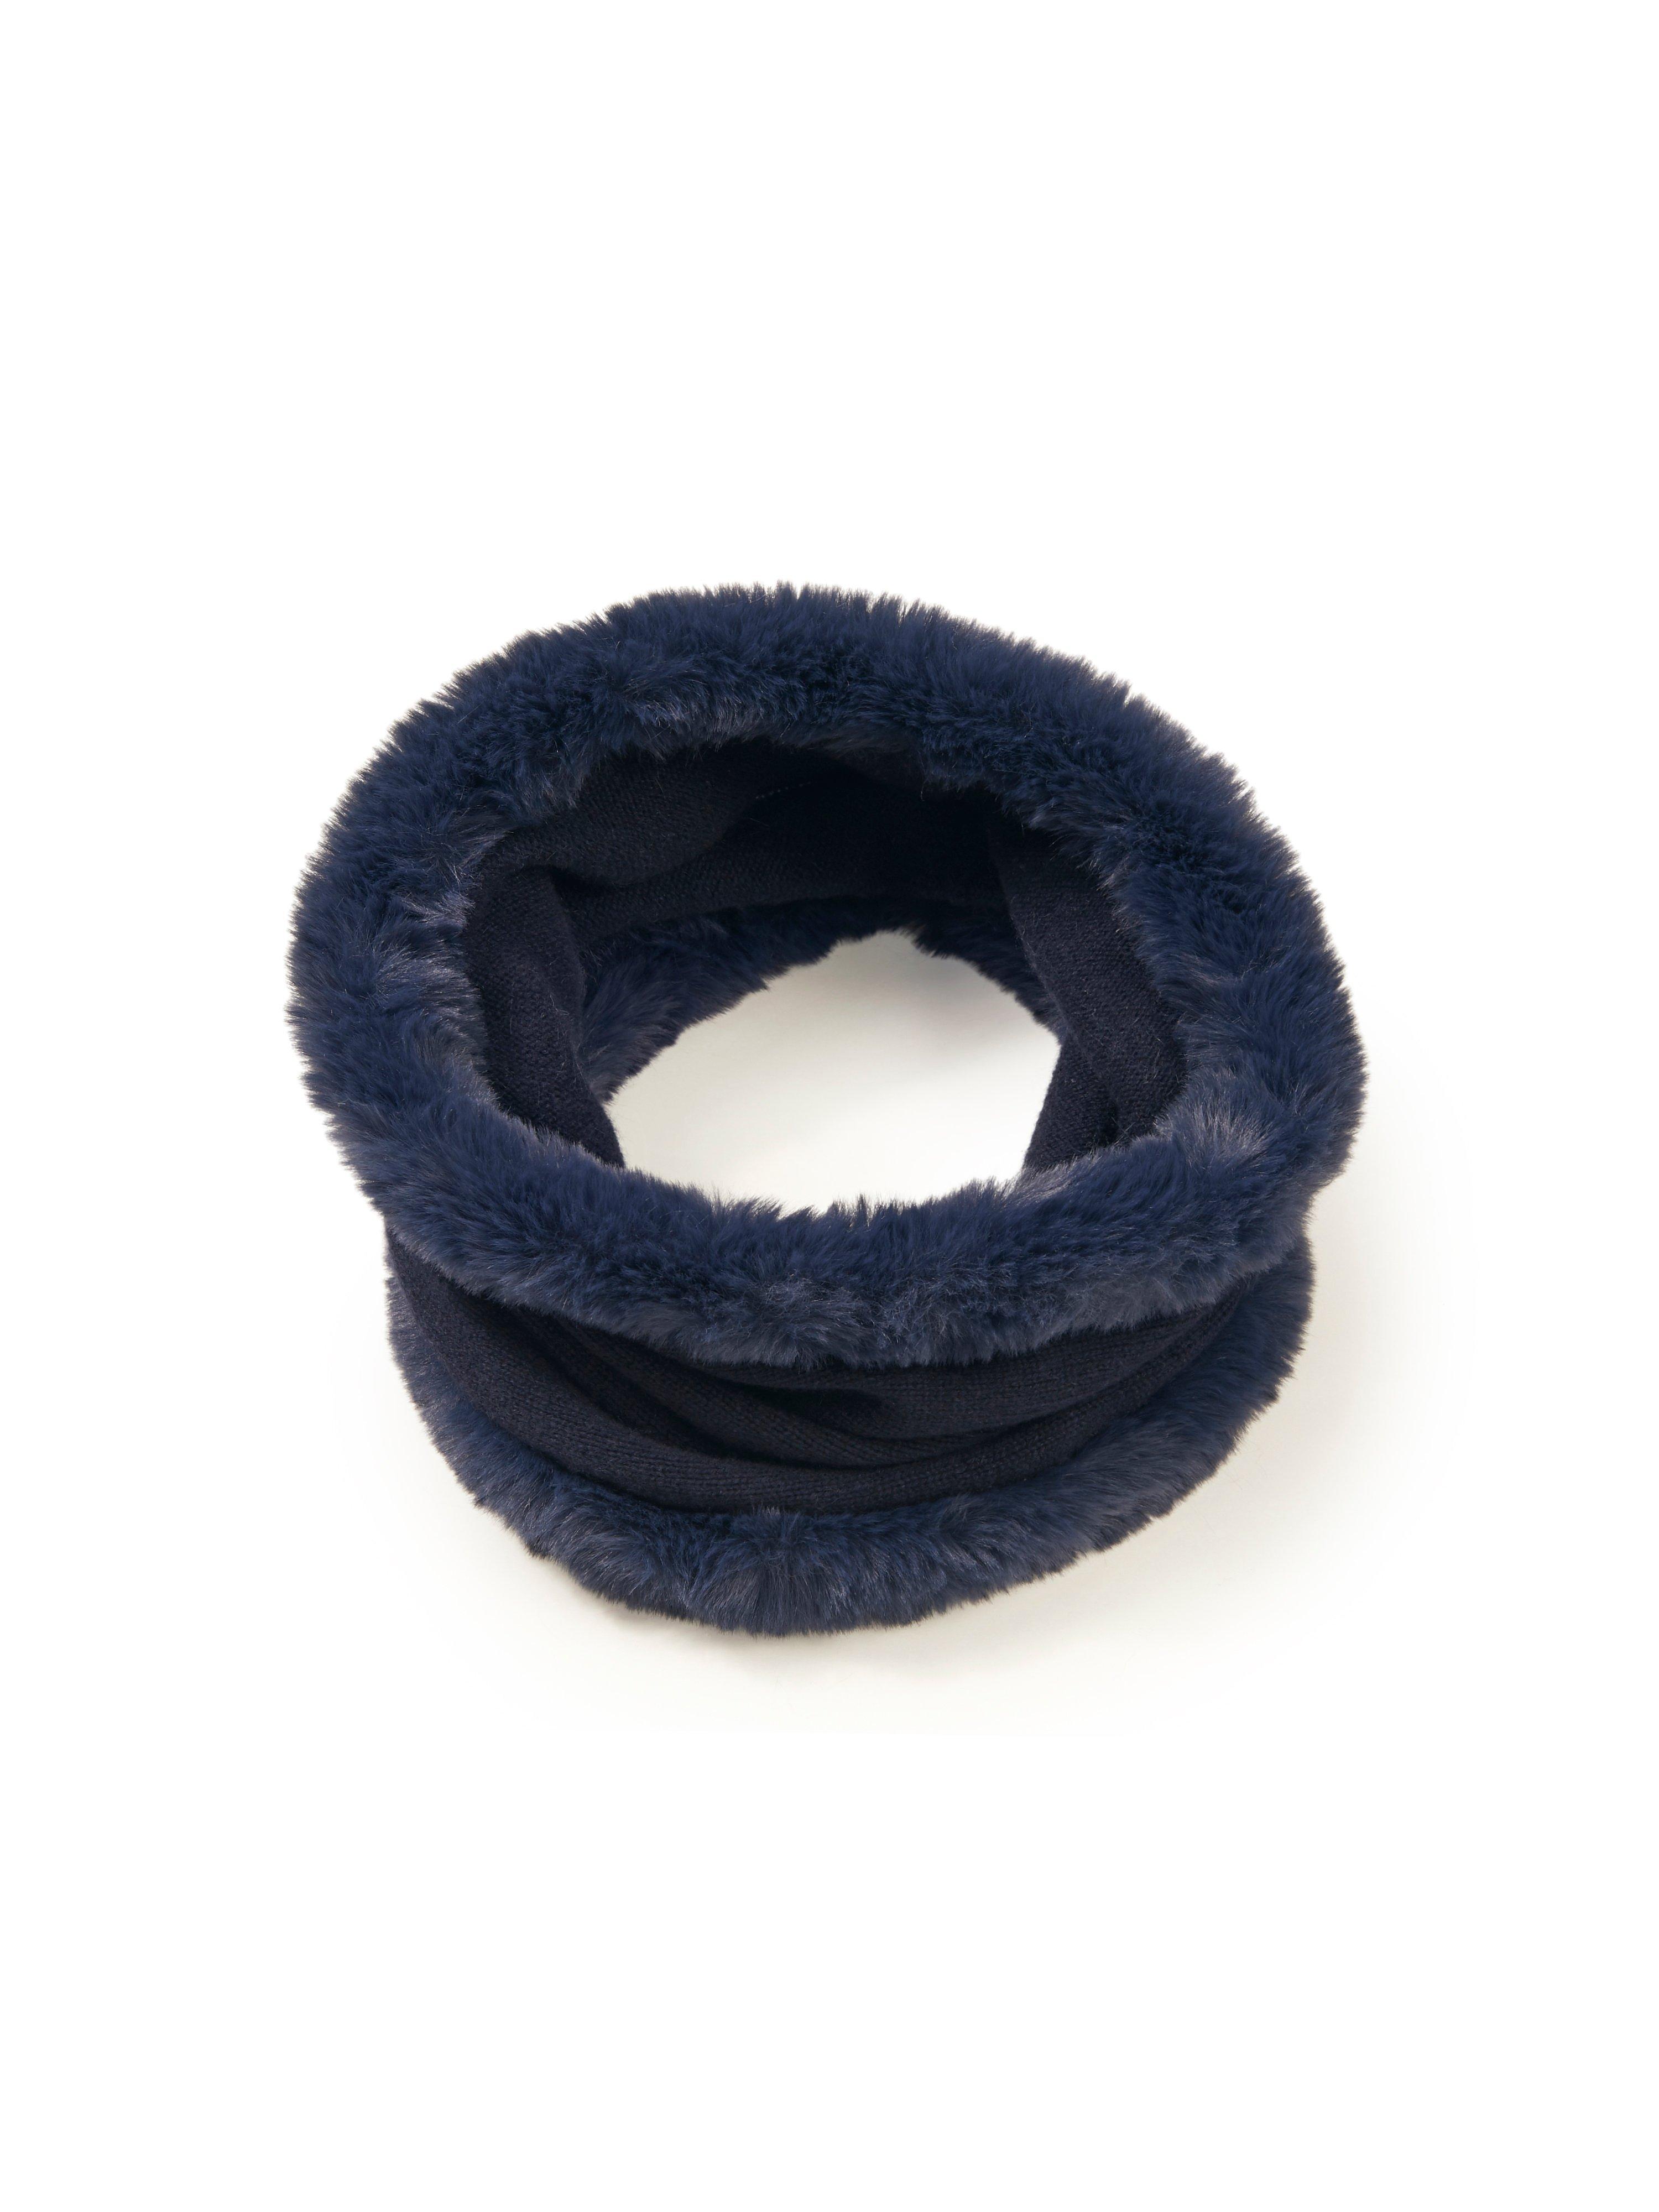 Sjaal 100% kasjmier Van Peter Hahn Cashmere blauw